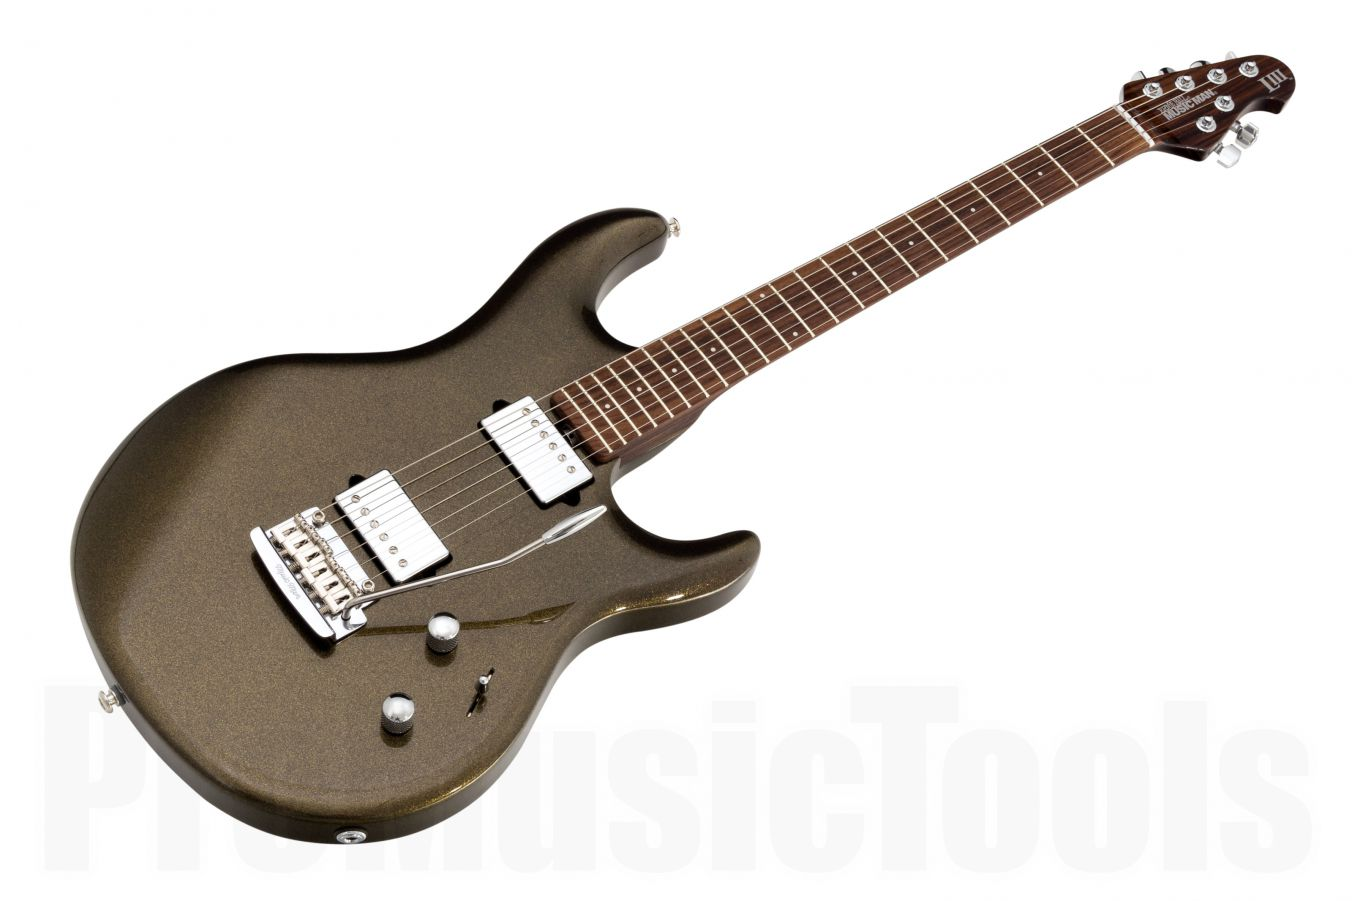 Music Man USA Luke III HH OG - Olive Gold - Rosewood neck